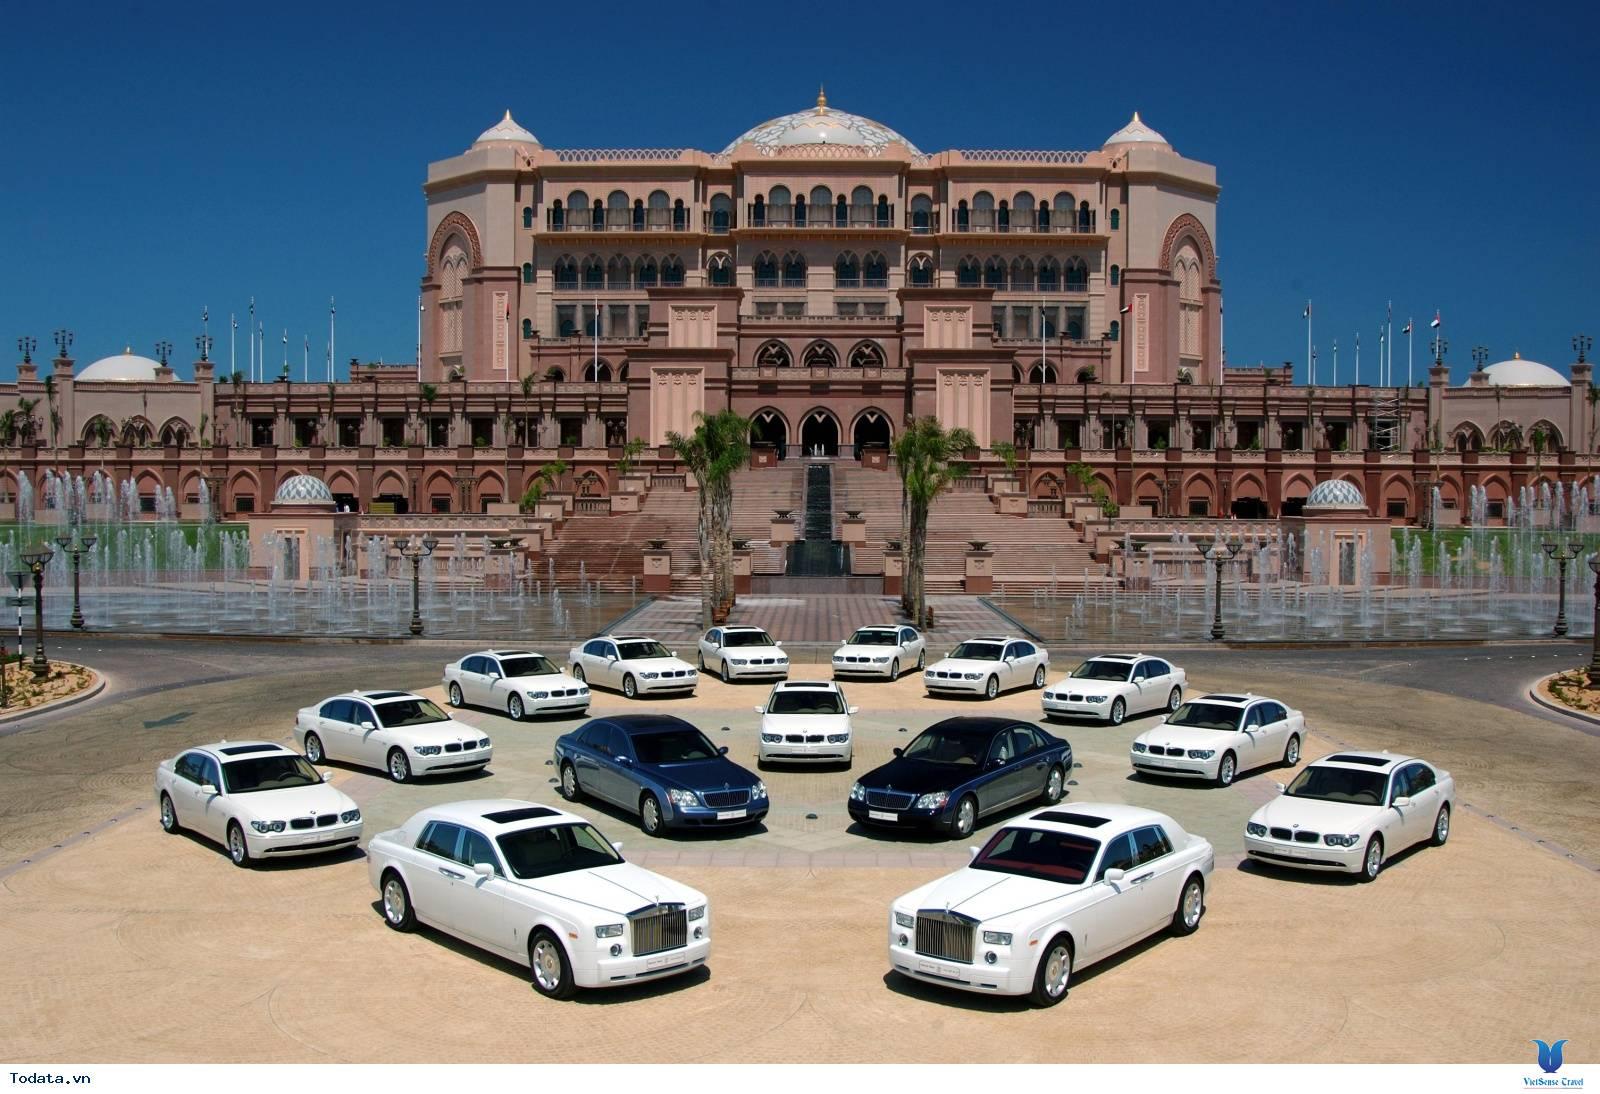 Khám Phá Khách Sạn 7 Sao Đẳng Cấp Emirates Palace - Ảnh 4